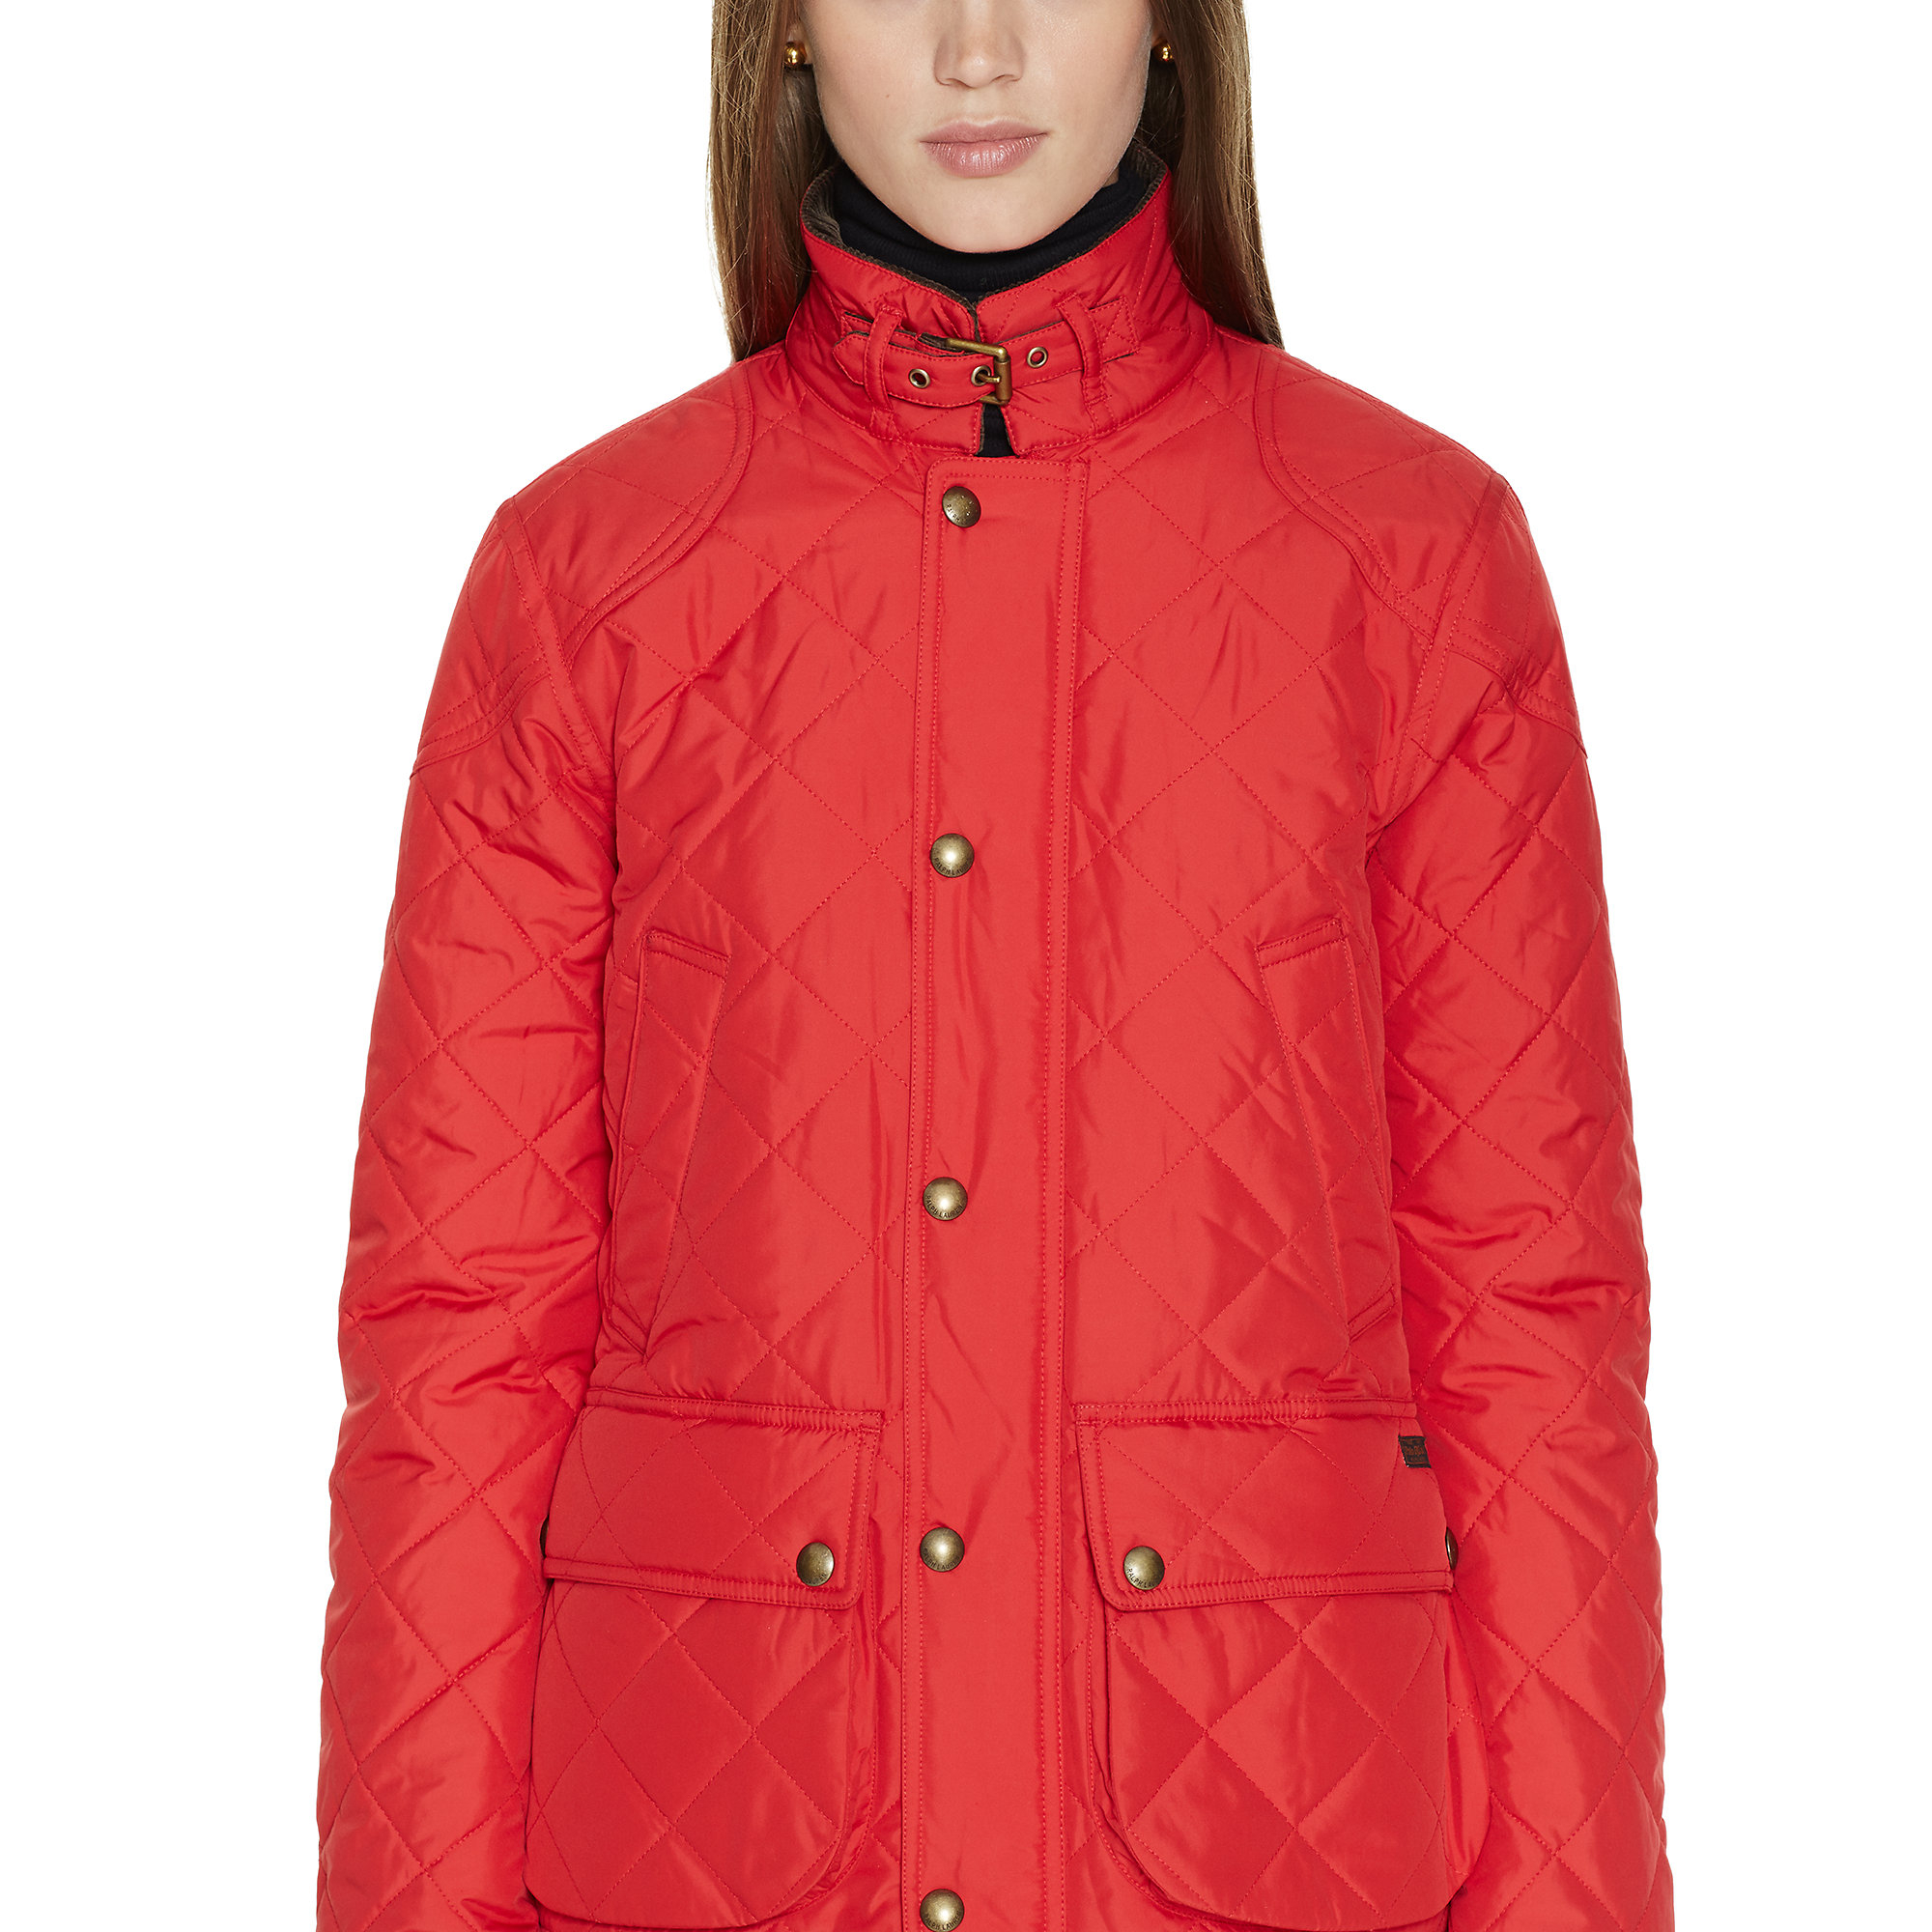 belted quilted lightweight jackets quilt com ralphlauren mens outerwear jacket pin moto lauren ralph